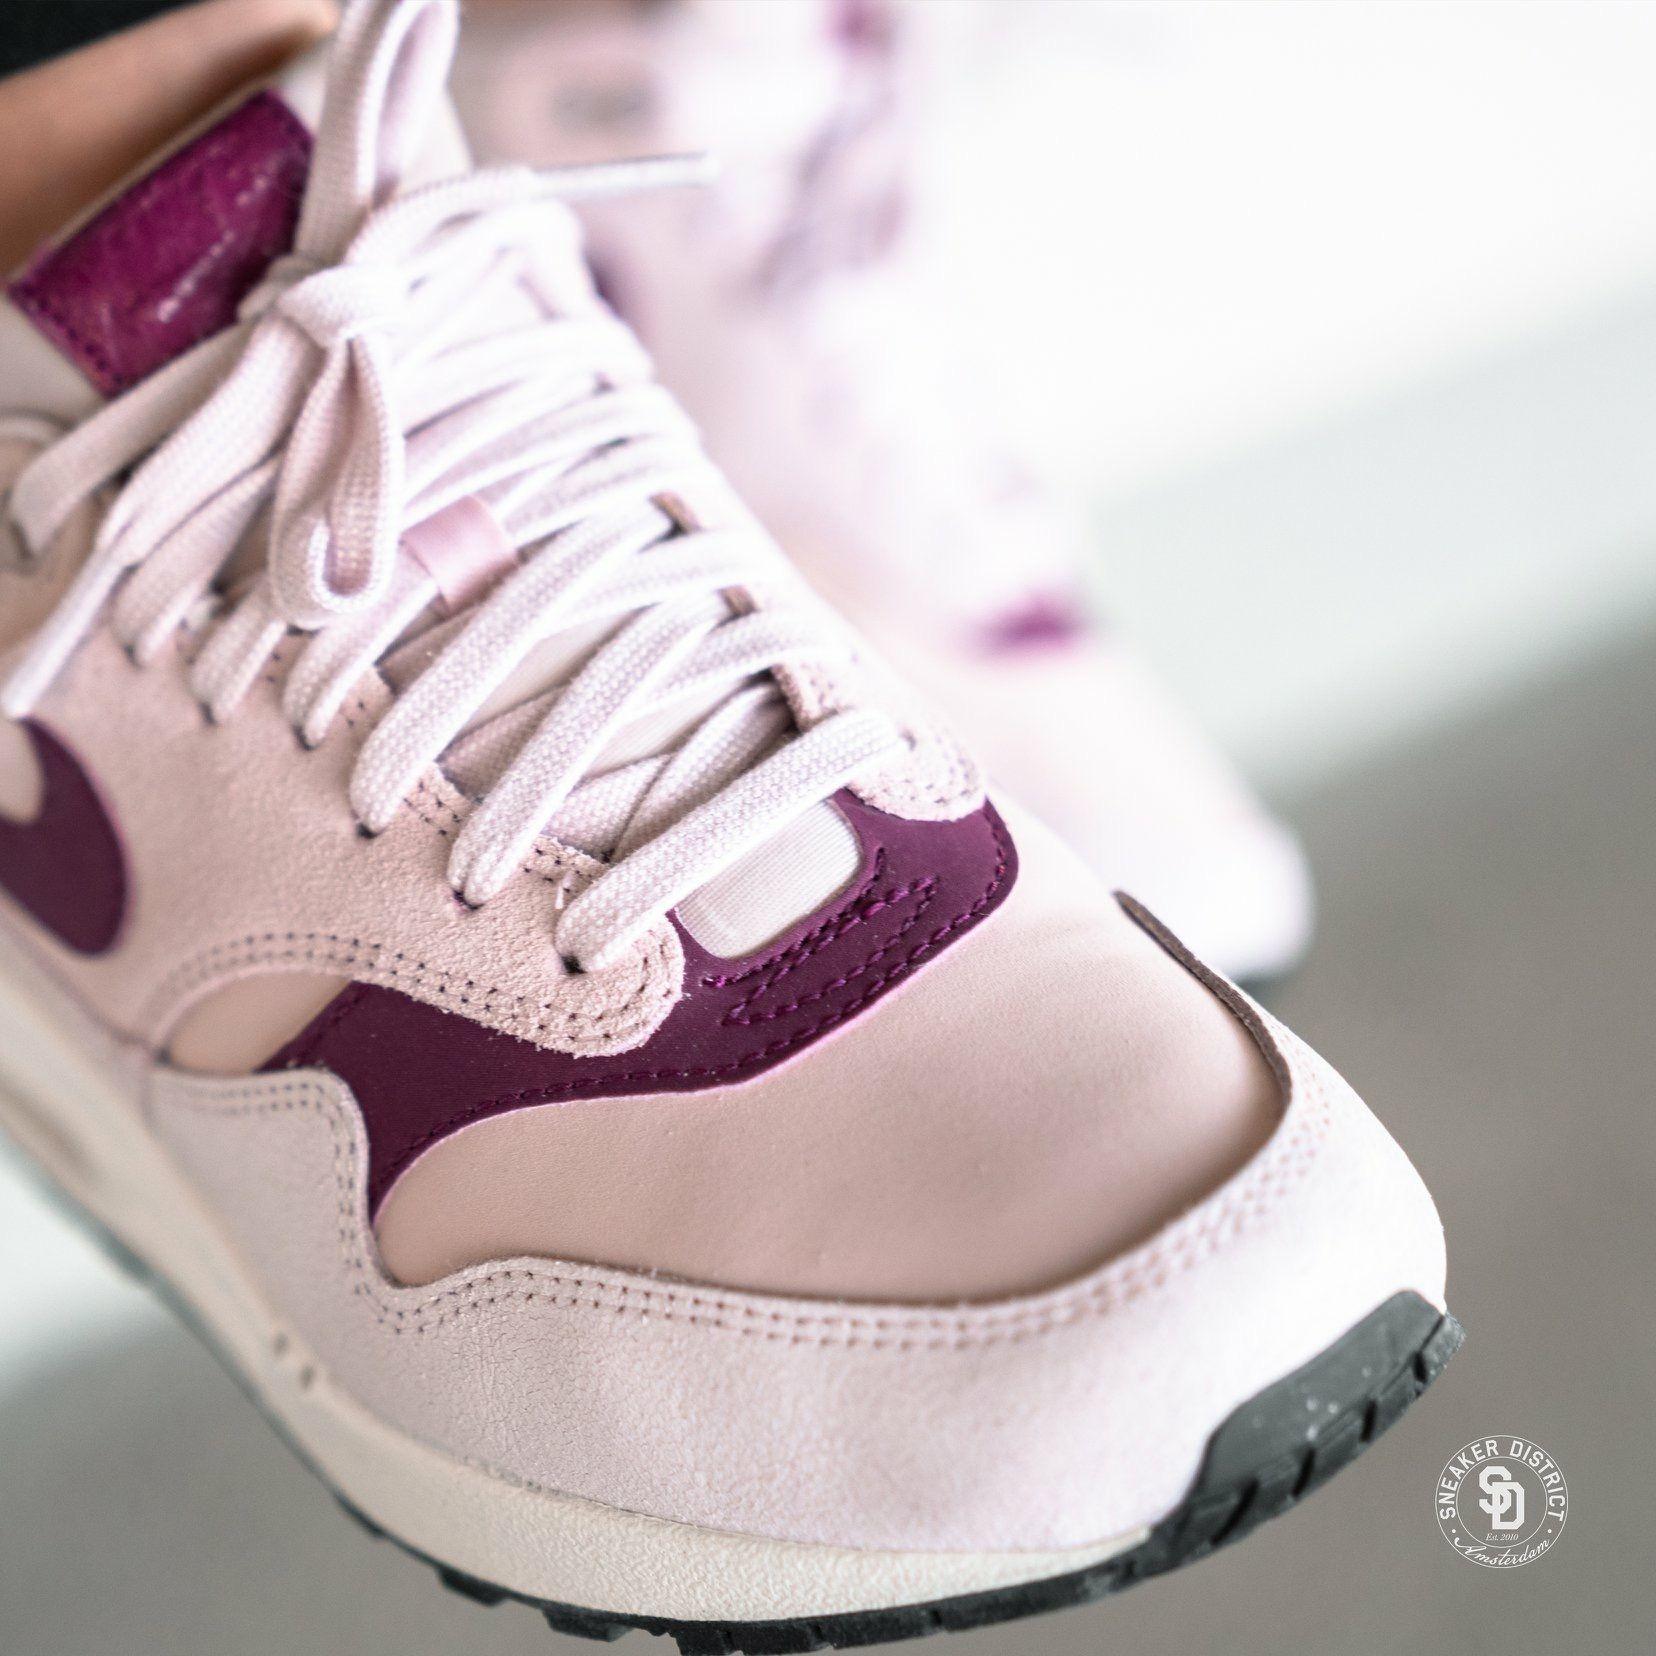 Nike Women's Air Max 1 Premium Barely Rose/True Berry | Air max ...